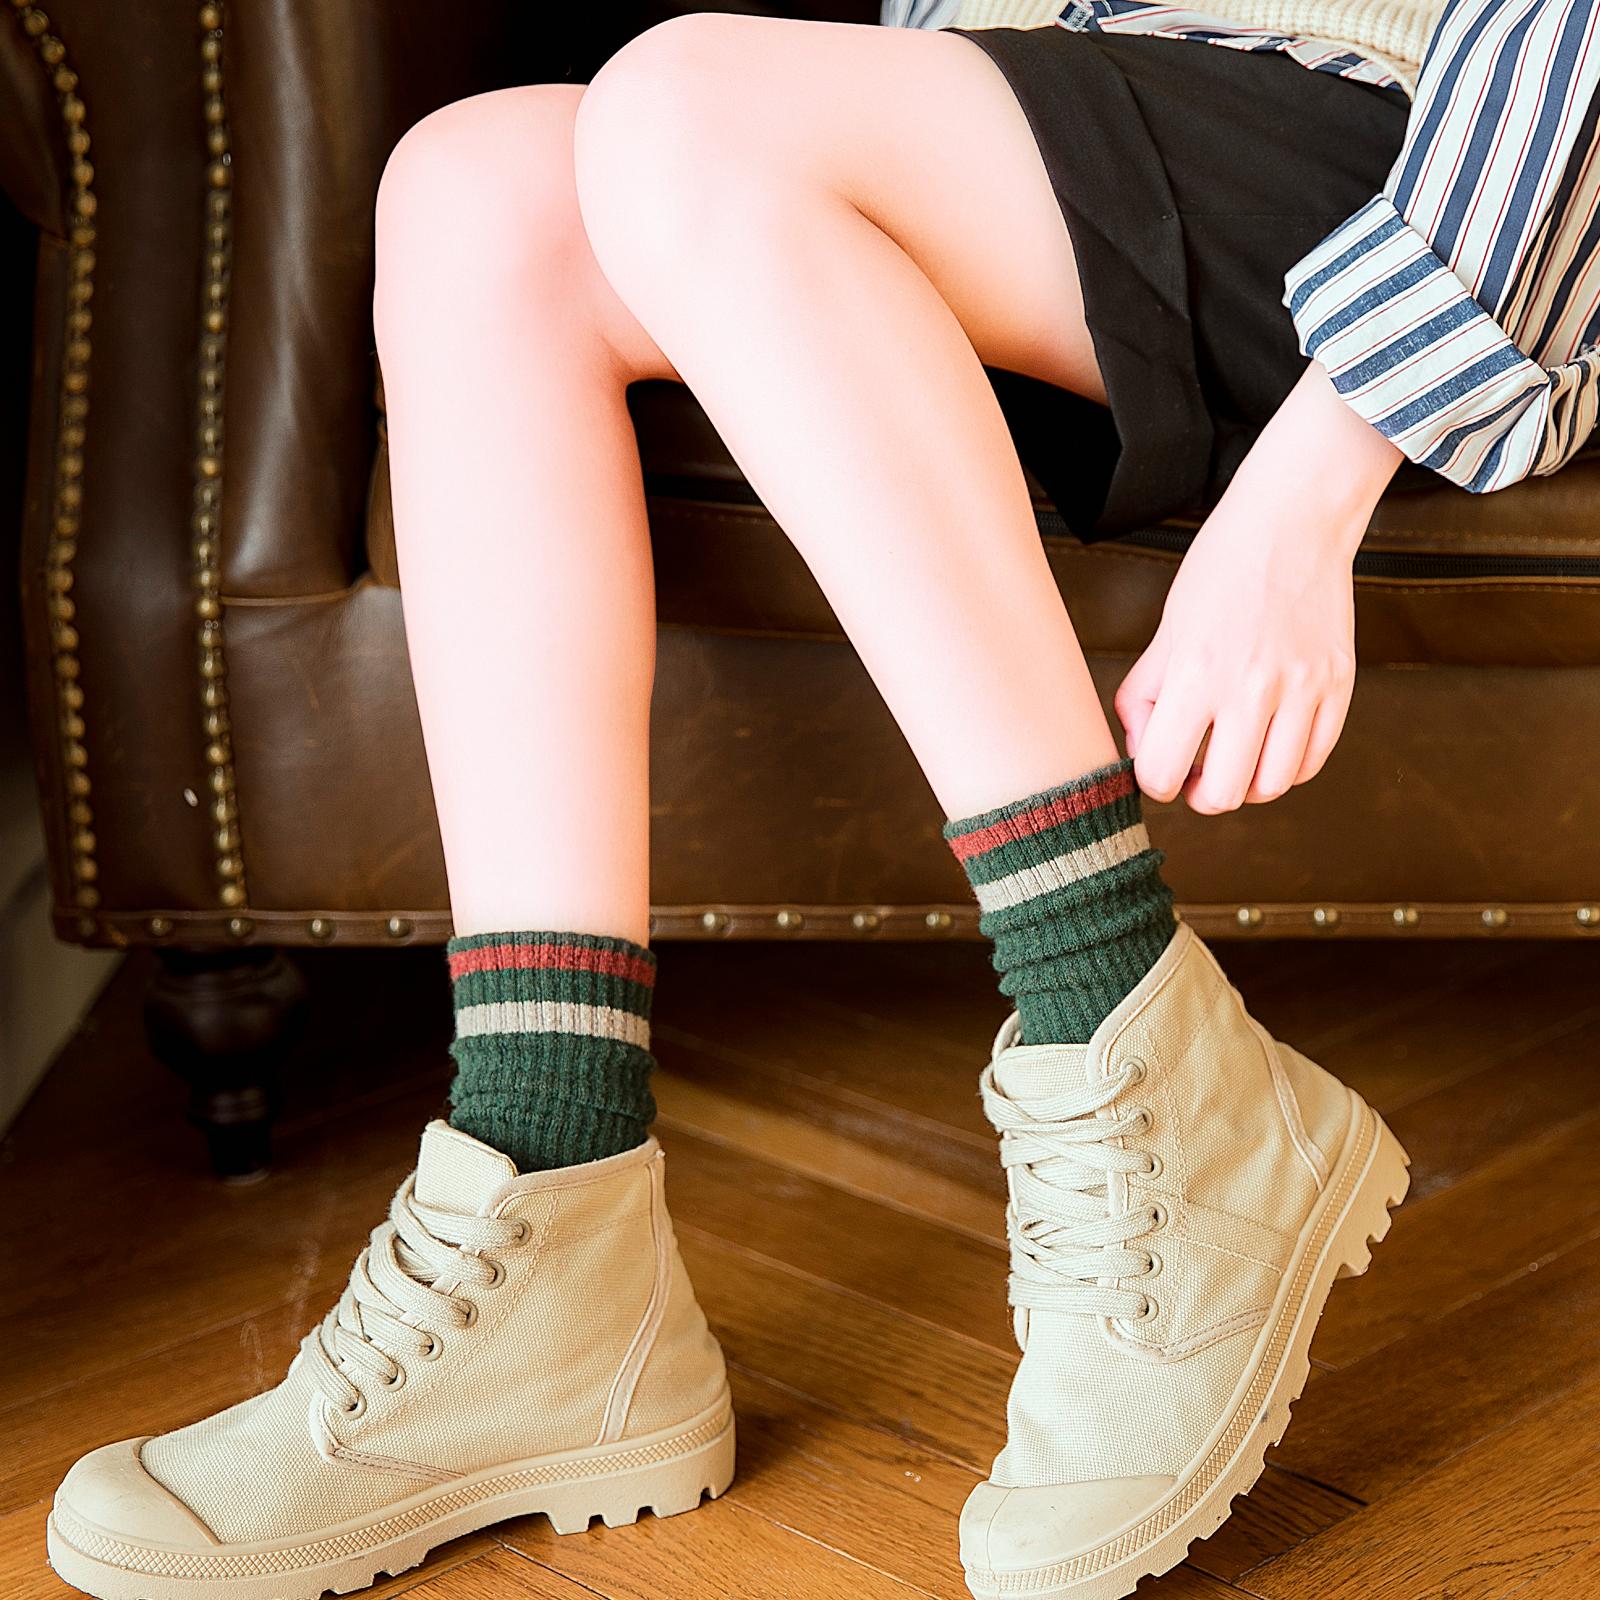 堆堆袜女韩国秋冬季潮个性日系羊毛袜条纹韩版加厚中长筒保暖袜子